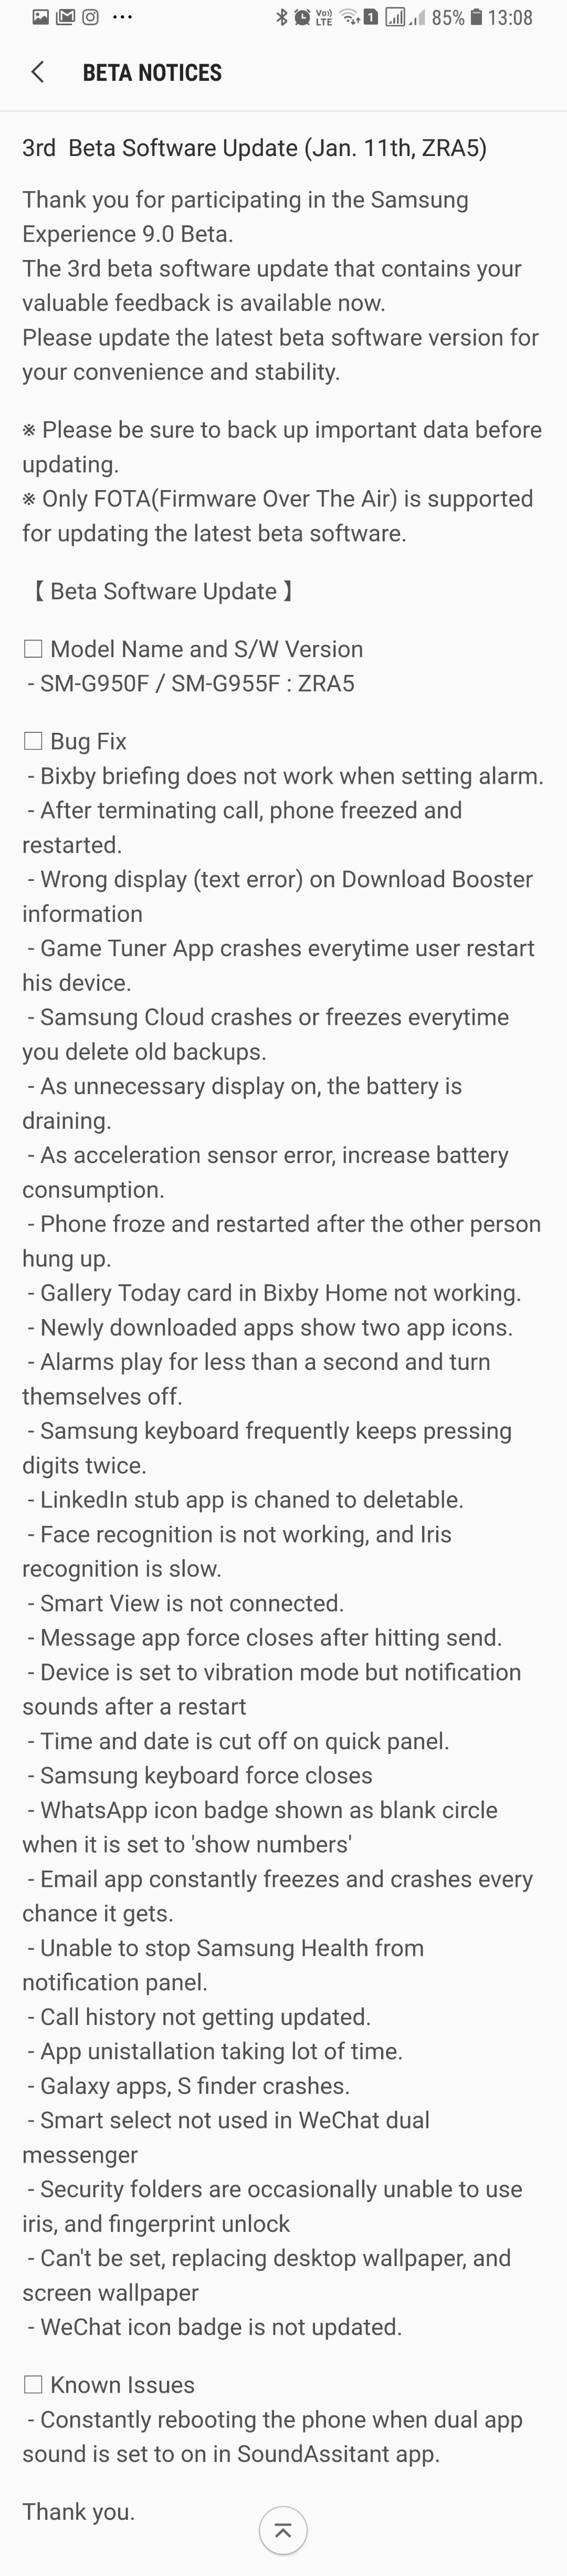 samsung-s8-oreo-new-update